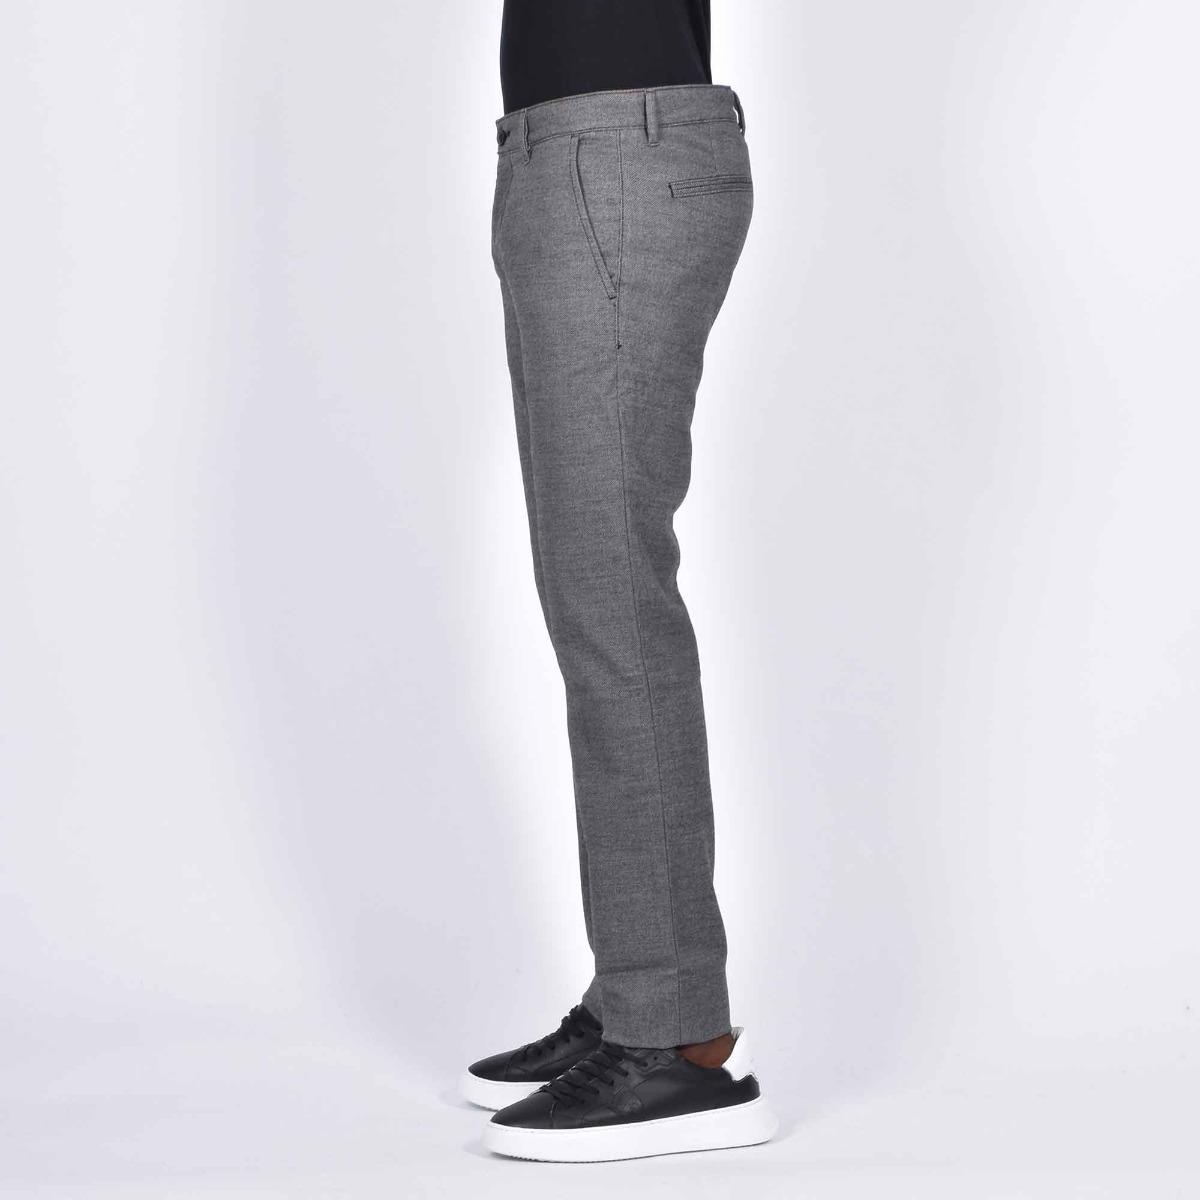 Pantalone chino slim - Grigio